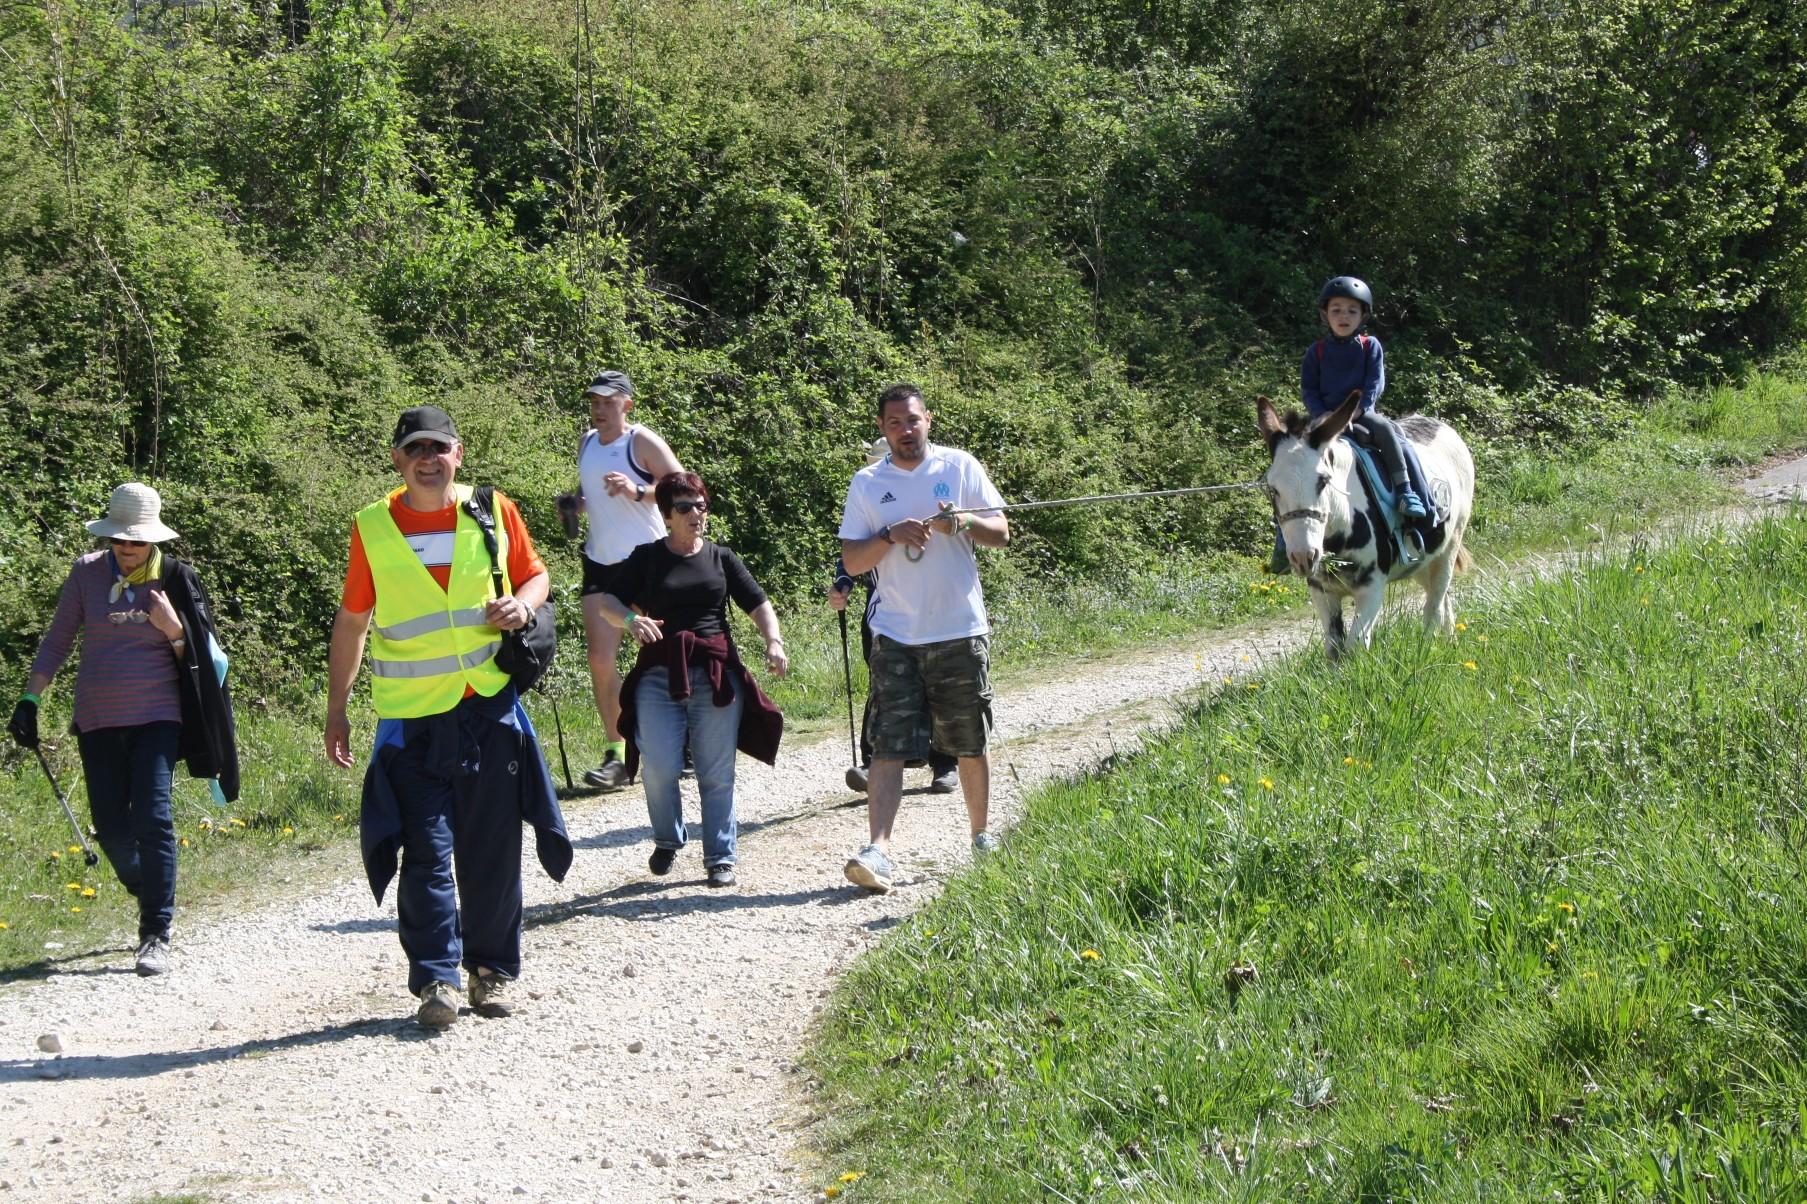 2017-04-09 - Trail-Montfaucon-Juliette (279)